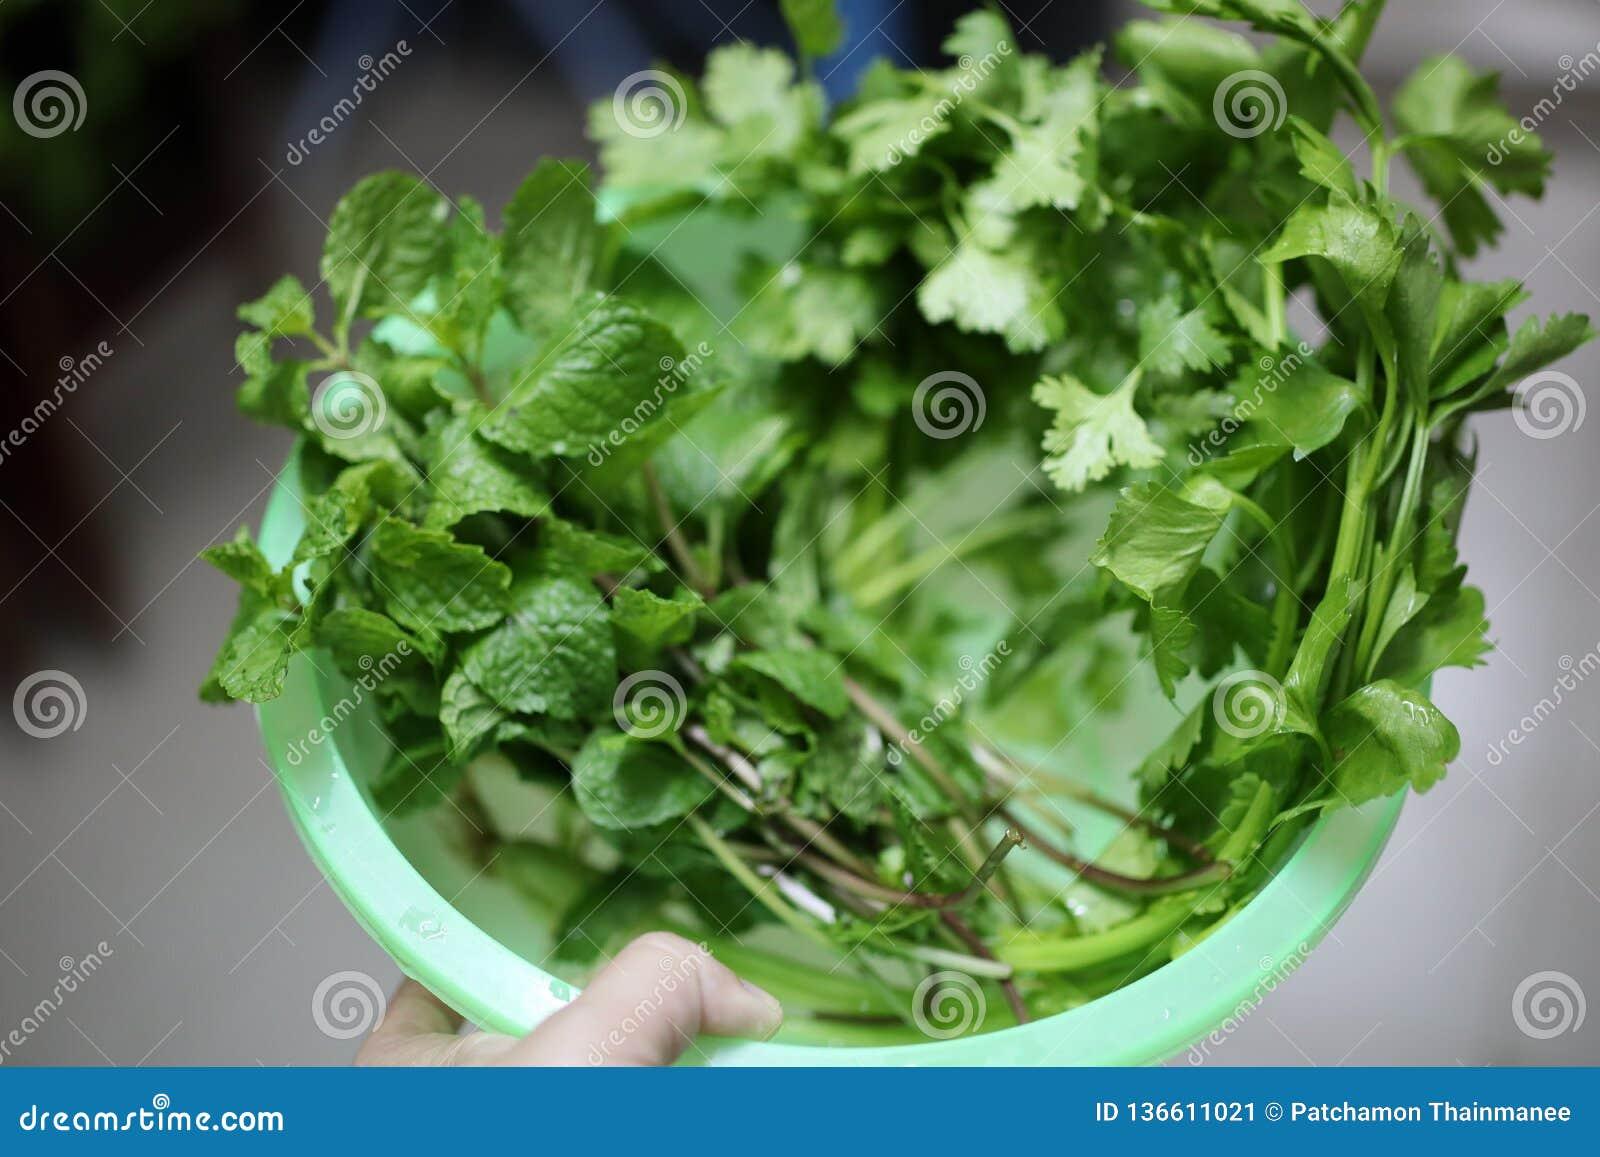 Η κινηματογράφηση σε πρώτο πλάνο των λαχανικών με το πράσινο χρώμα είναι μια σημαντική ουσία, οι βοήθειες χλωροφύλλης μειώνουν το